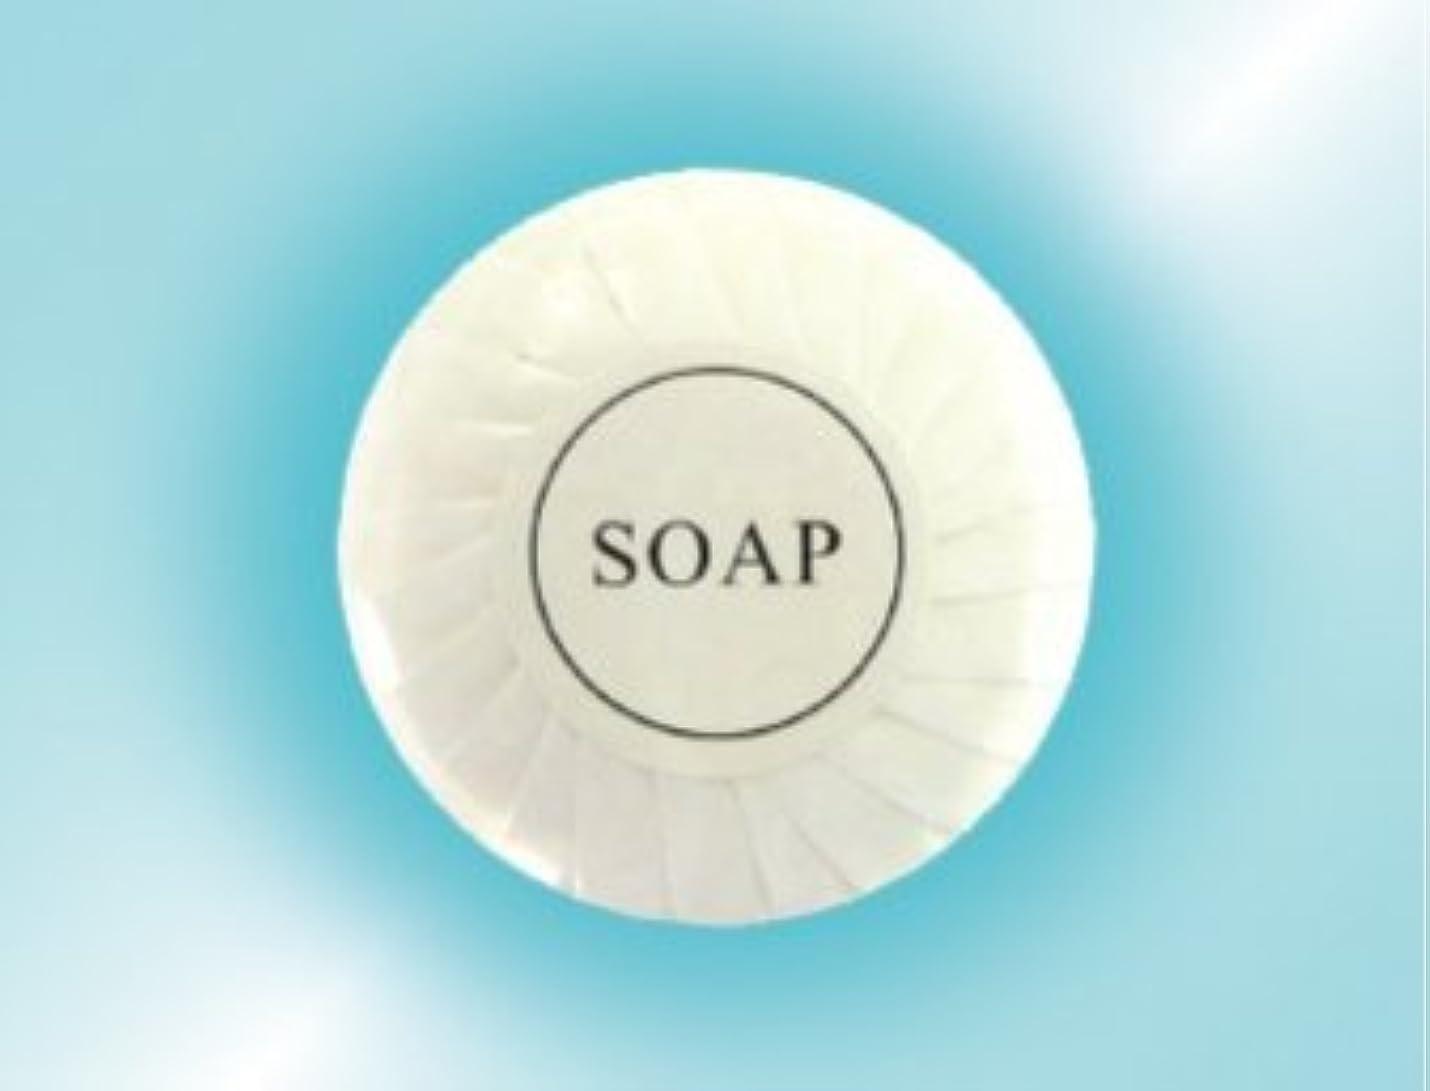 サーキュレーション毎年迷信石鹸 レーシンソープ 丸15g 300個